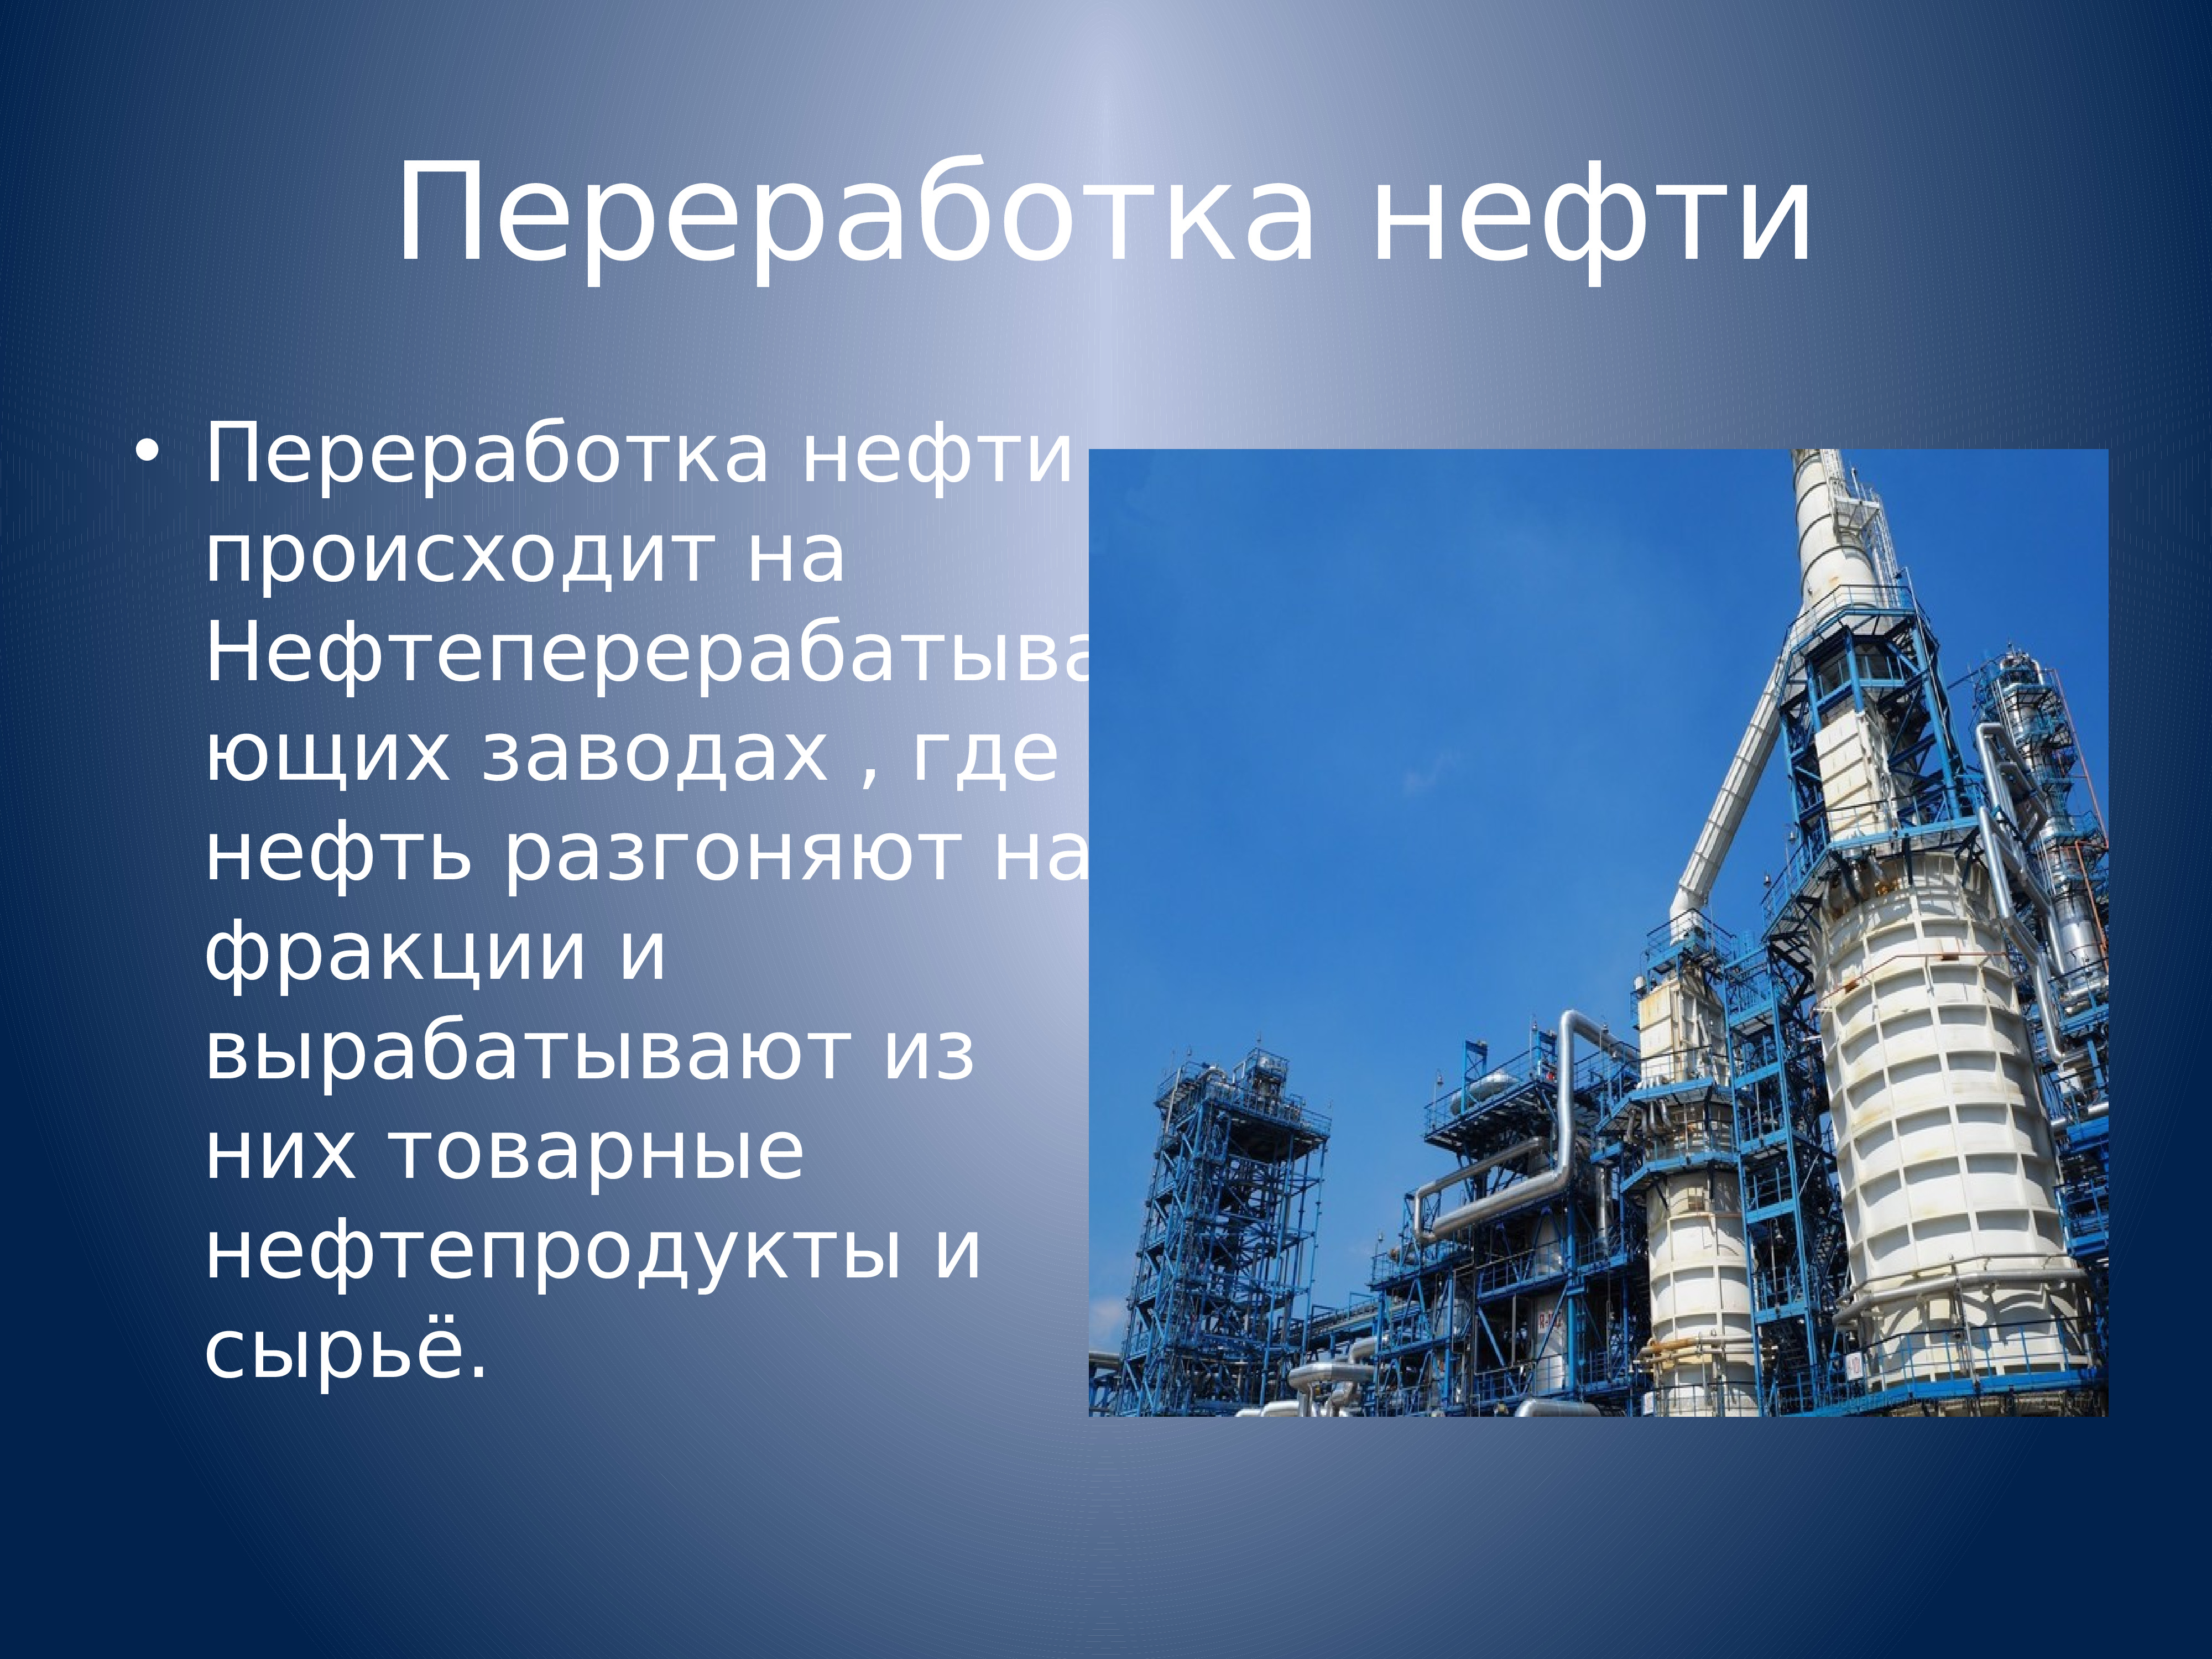 какое место в россии занимает нефтегазовая промышленность